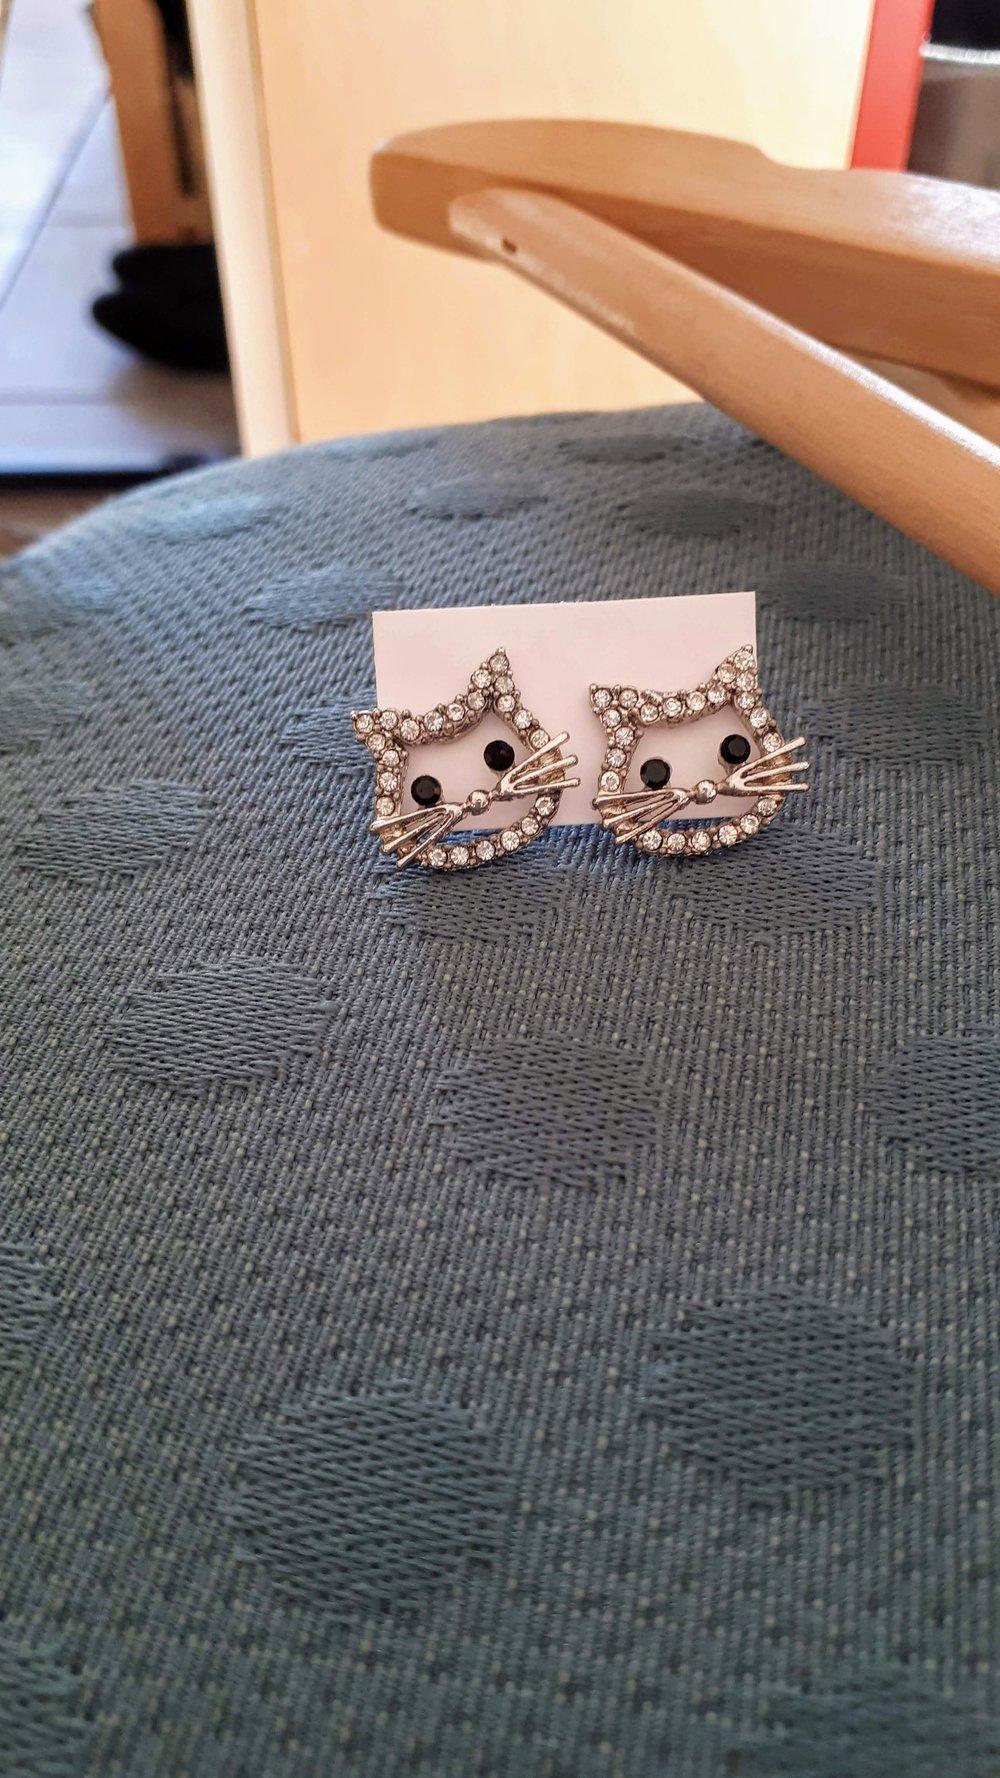 Earrings, $12